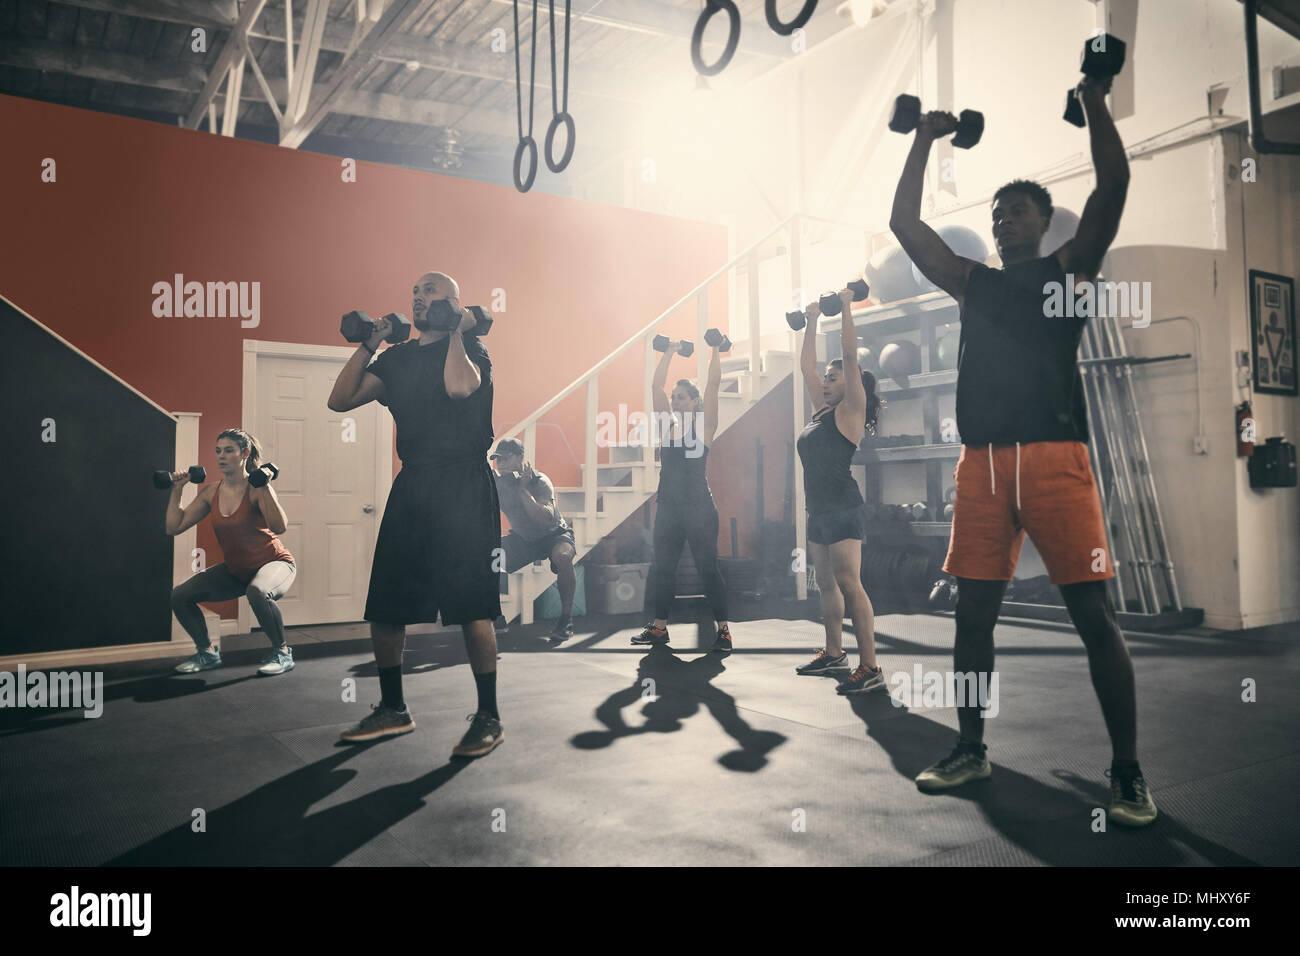 Hombre con pesas en el gimnasio Imagen De Stock